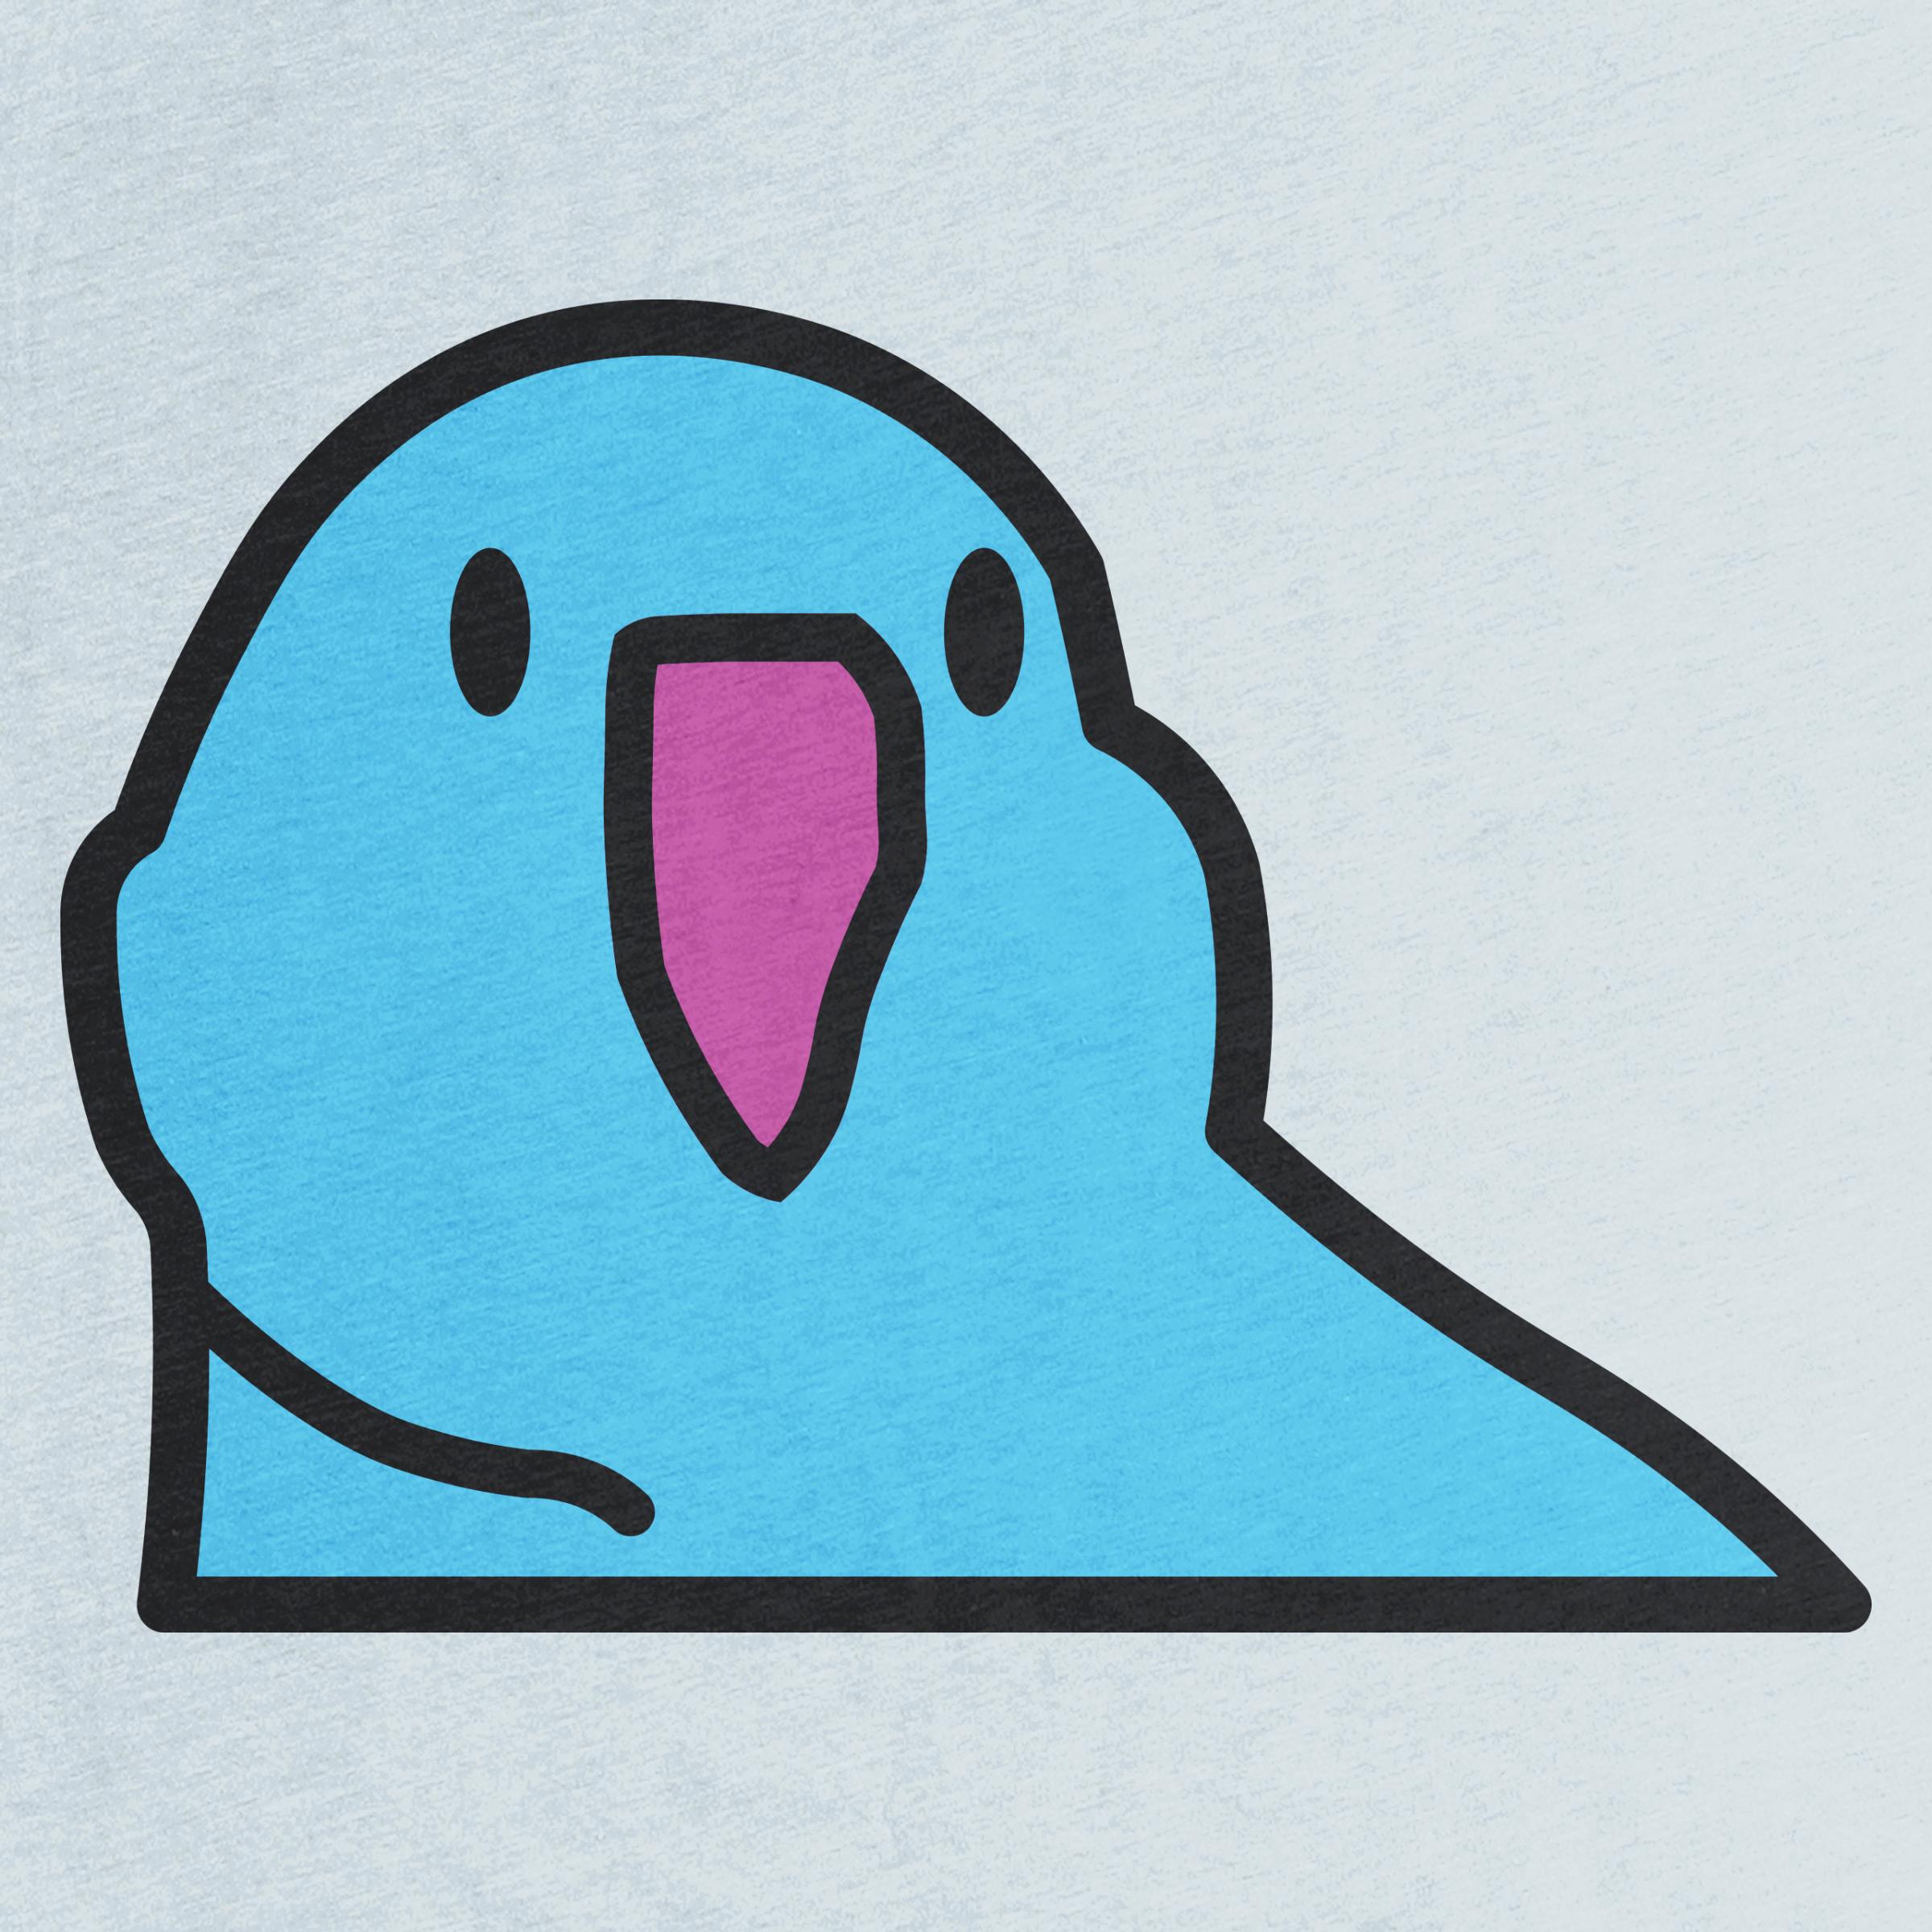 :parrot: